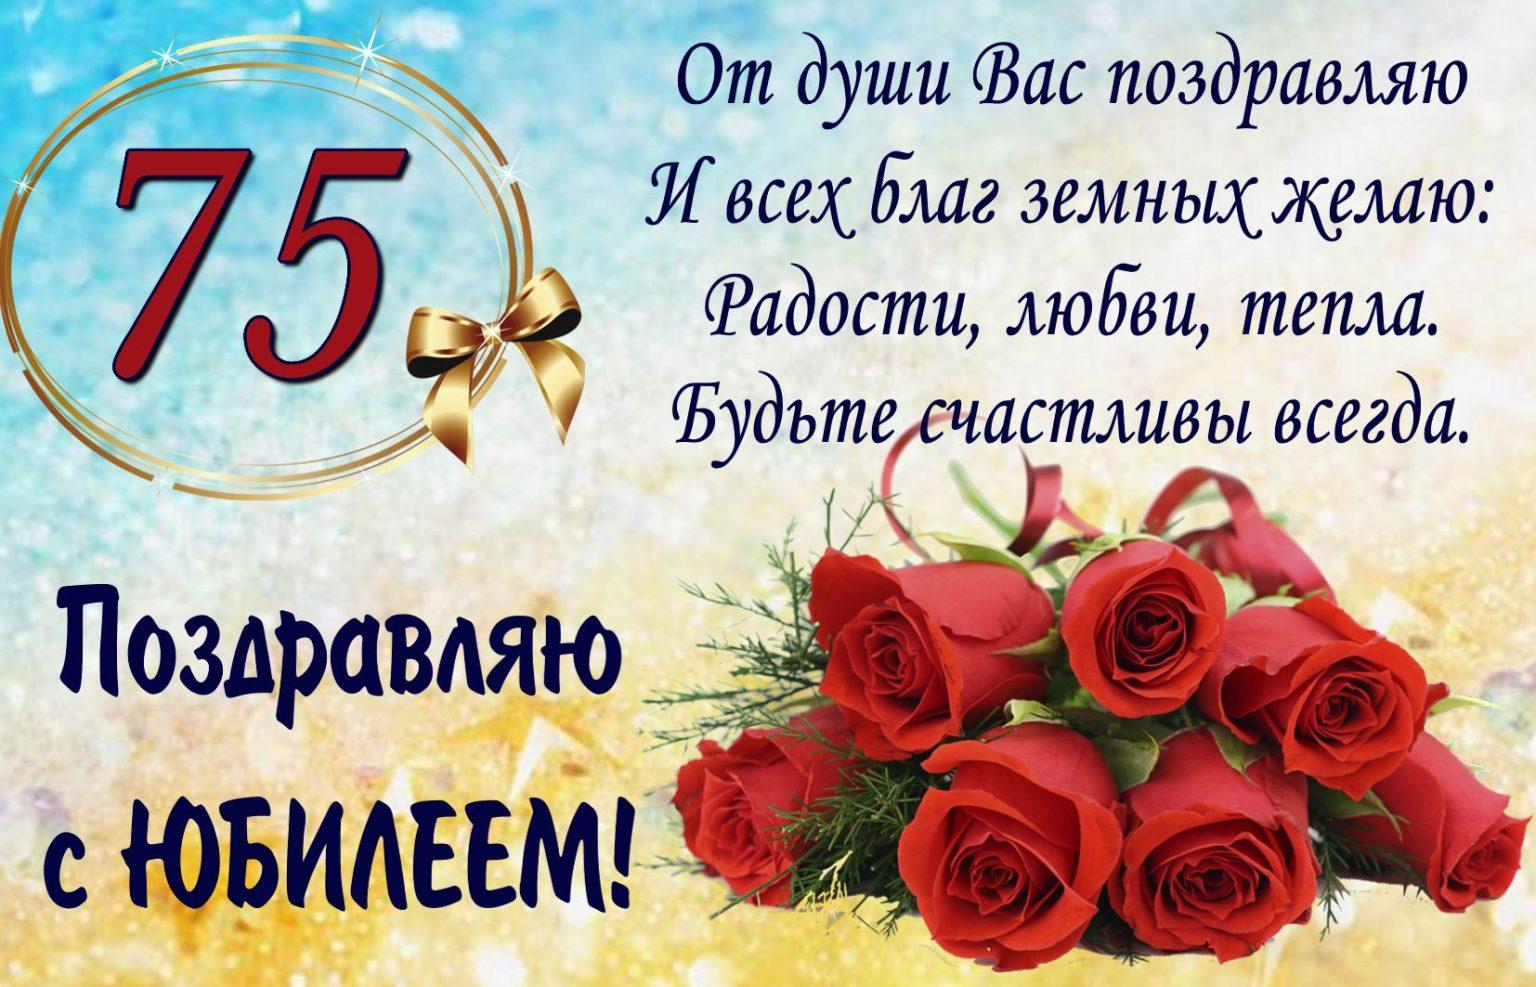 Поздравления 75 летним днем рождения